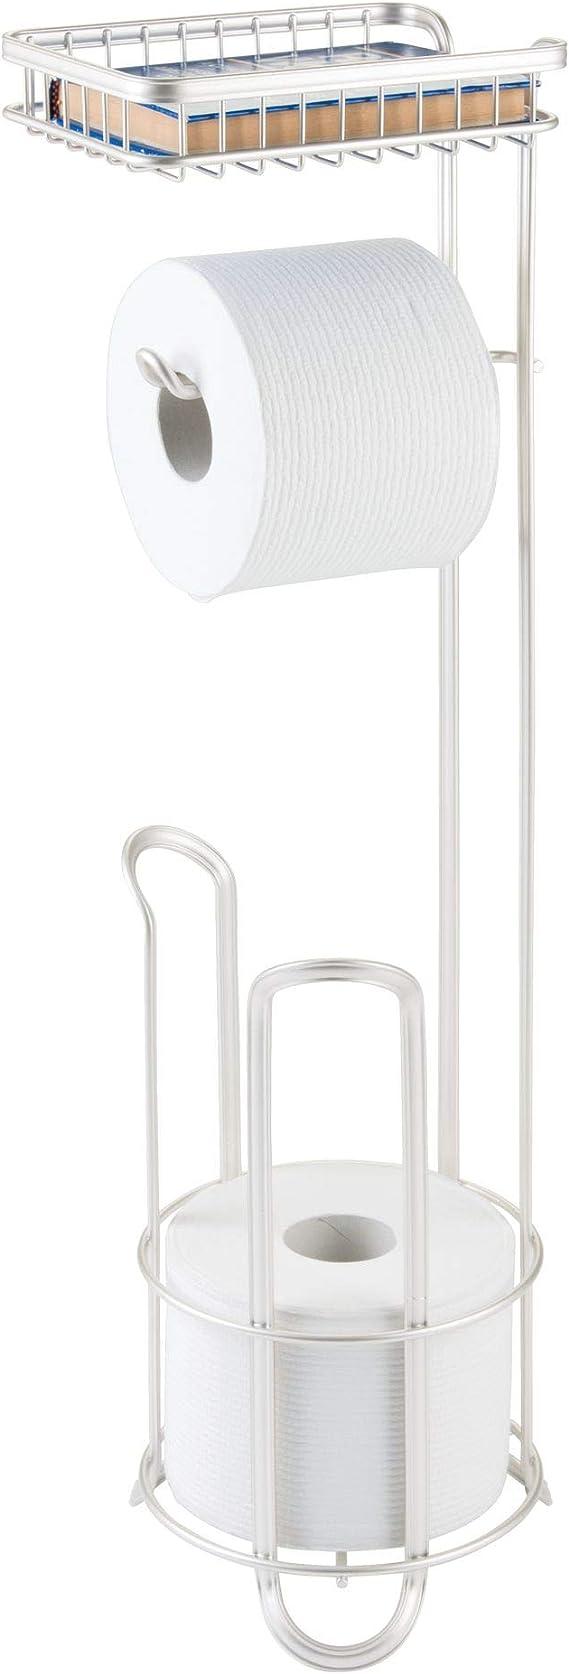 Portarrollos de Papel Higi/énico con Repisa Aluminio Portarrollos para Papel Higi/énico Estante de Tel/éfono Adhesivo and Taladro para Ba/ño Cocina